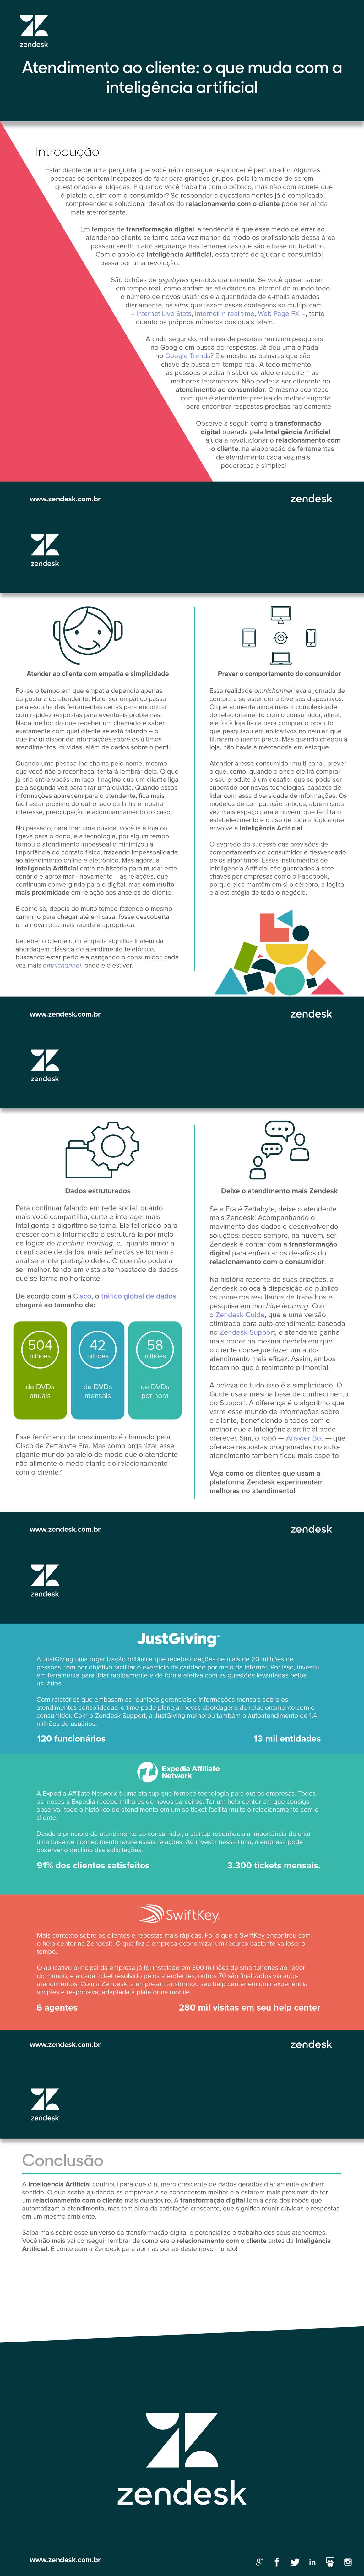 Atendimento ao cliente: o que muda com a inteligência artificial